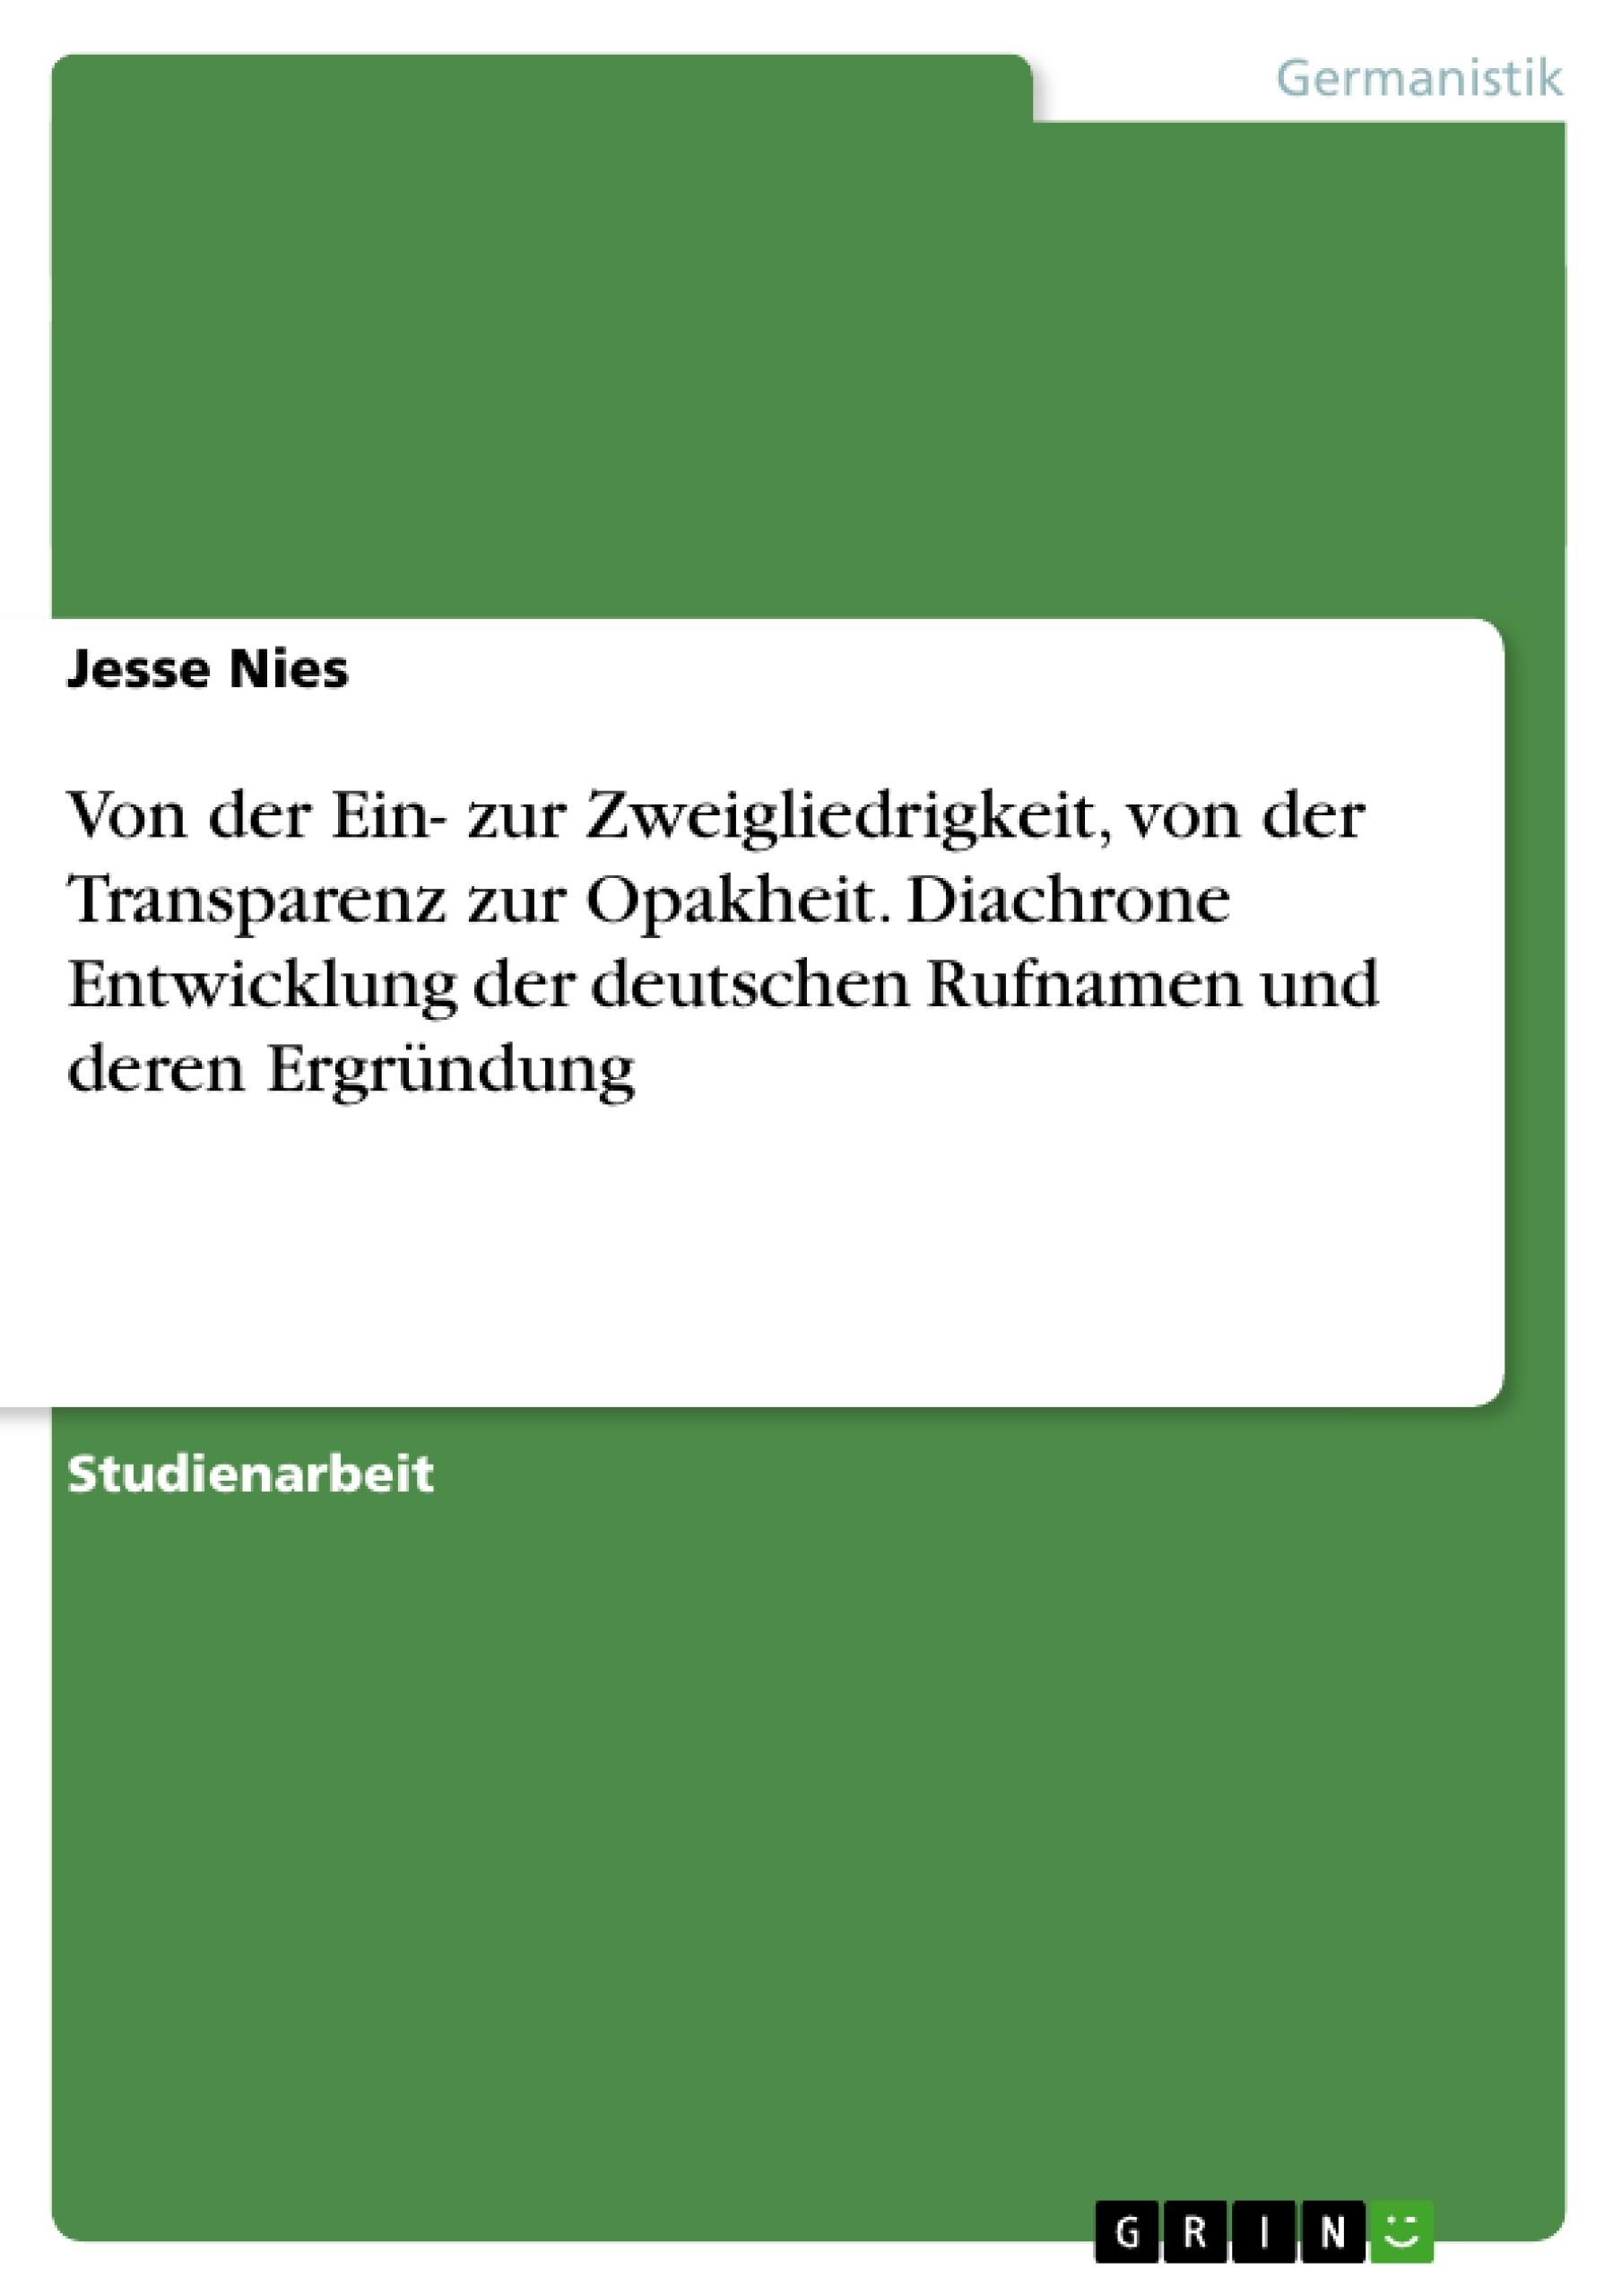 Titel: Von der Ein- zur Zweigliedrigkeit, von der Transparenz zur Opakheit. Diachrone Entwicklung der deutschen Rufnamen und deren Ergründung